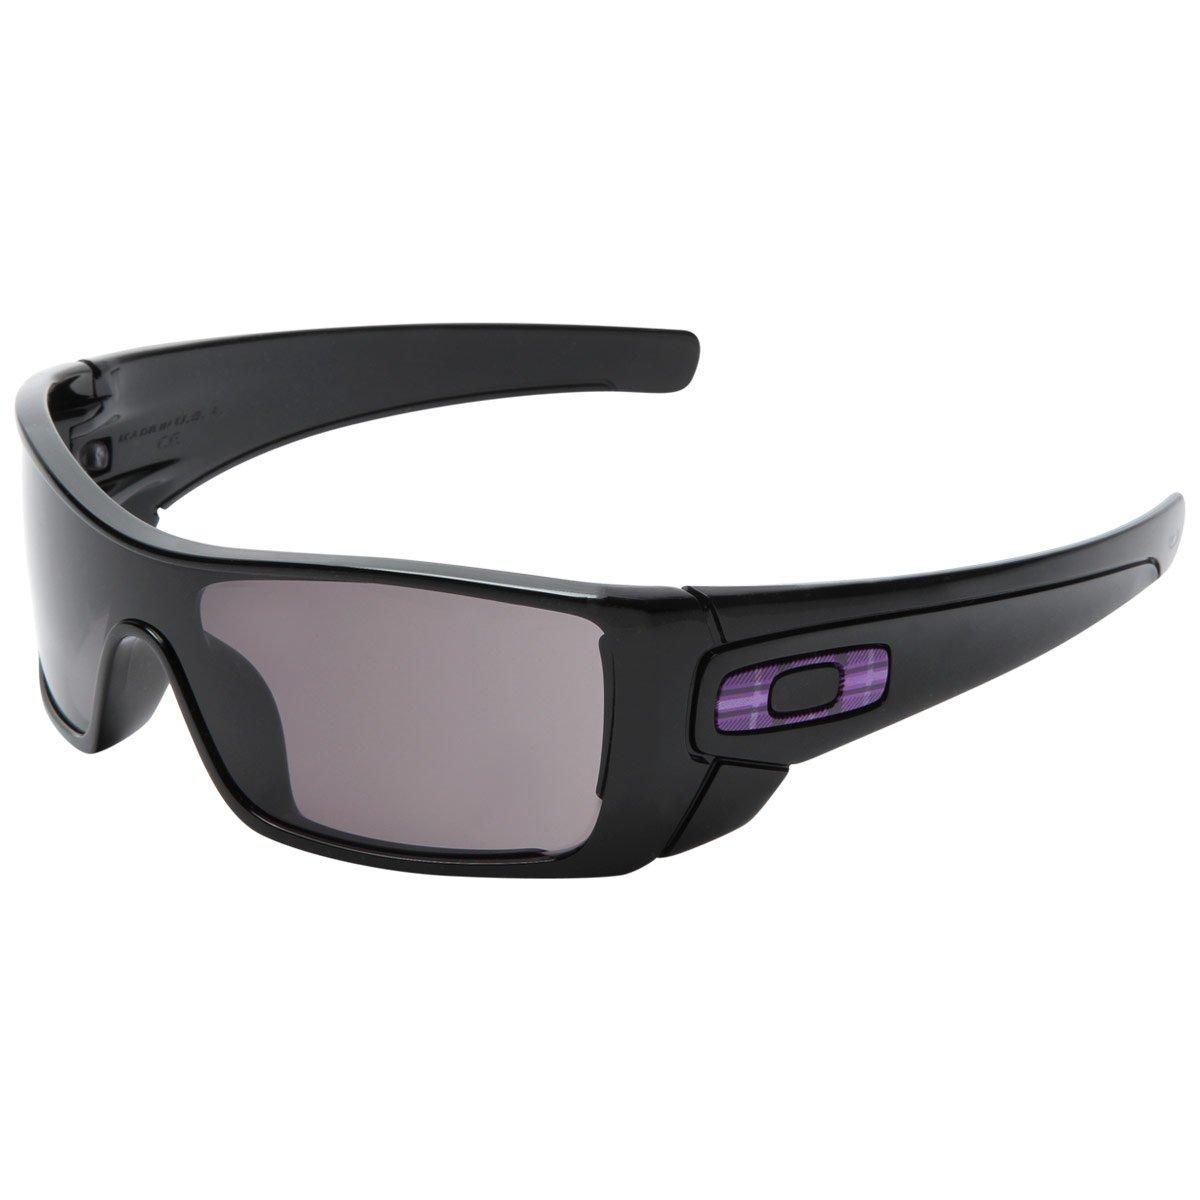 57fbfd3ee16e5 Óculos Oakley Batwolf - Compre Agora